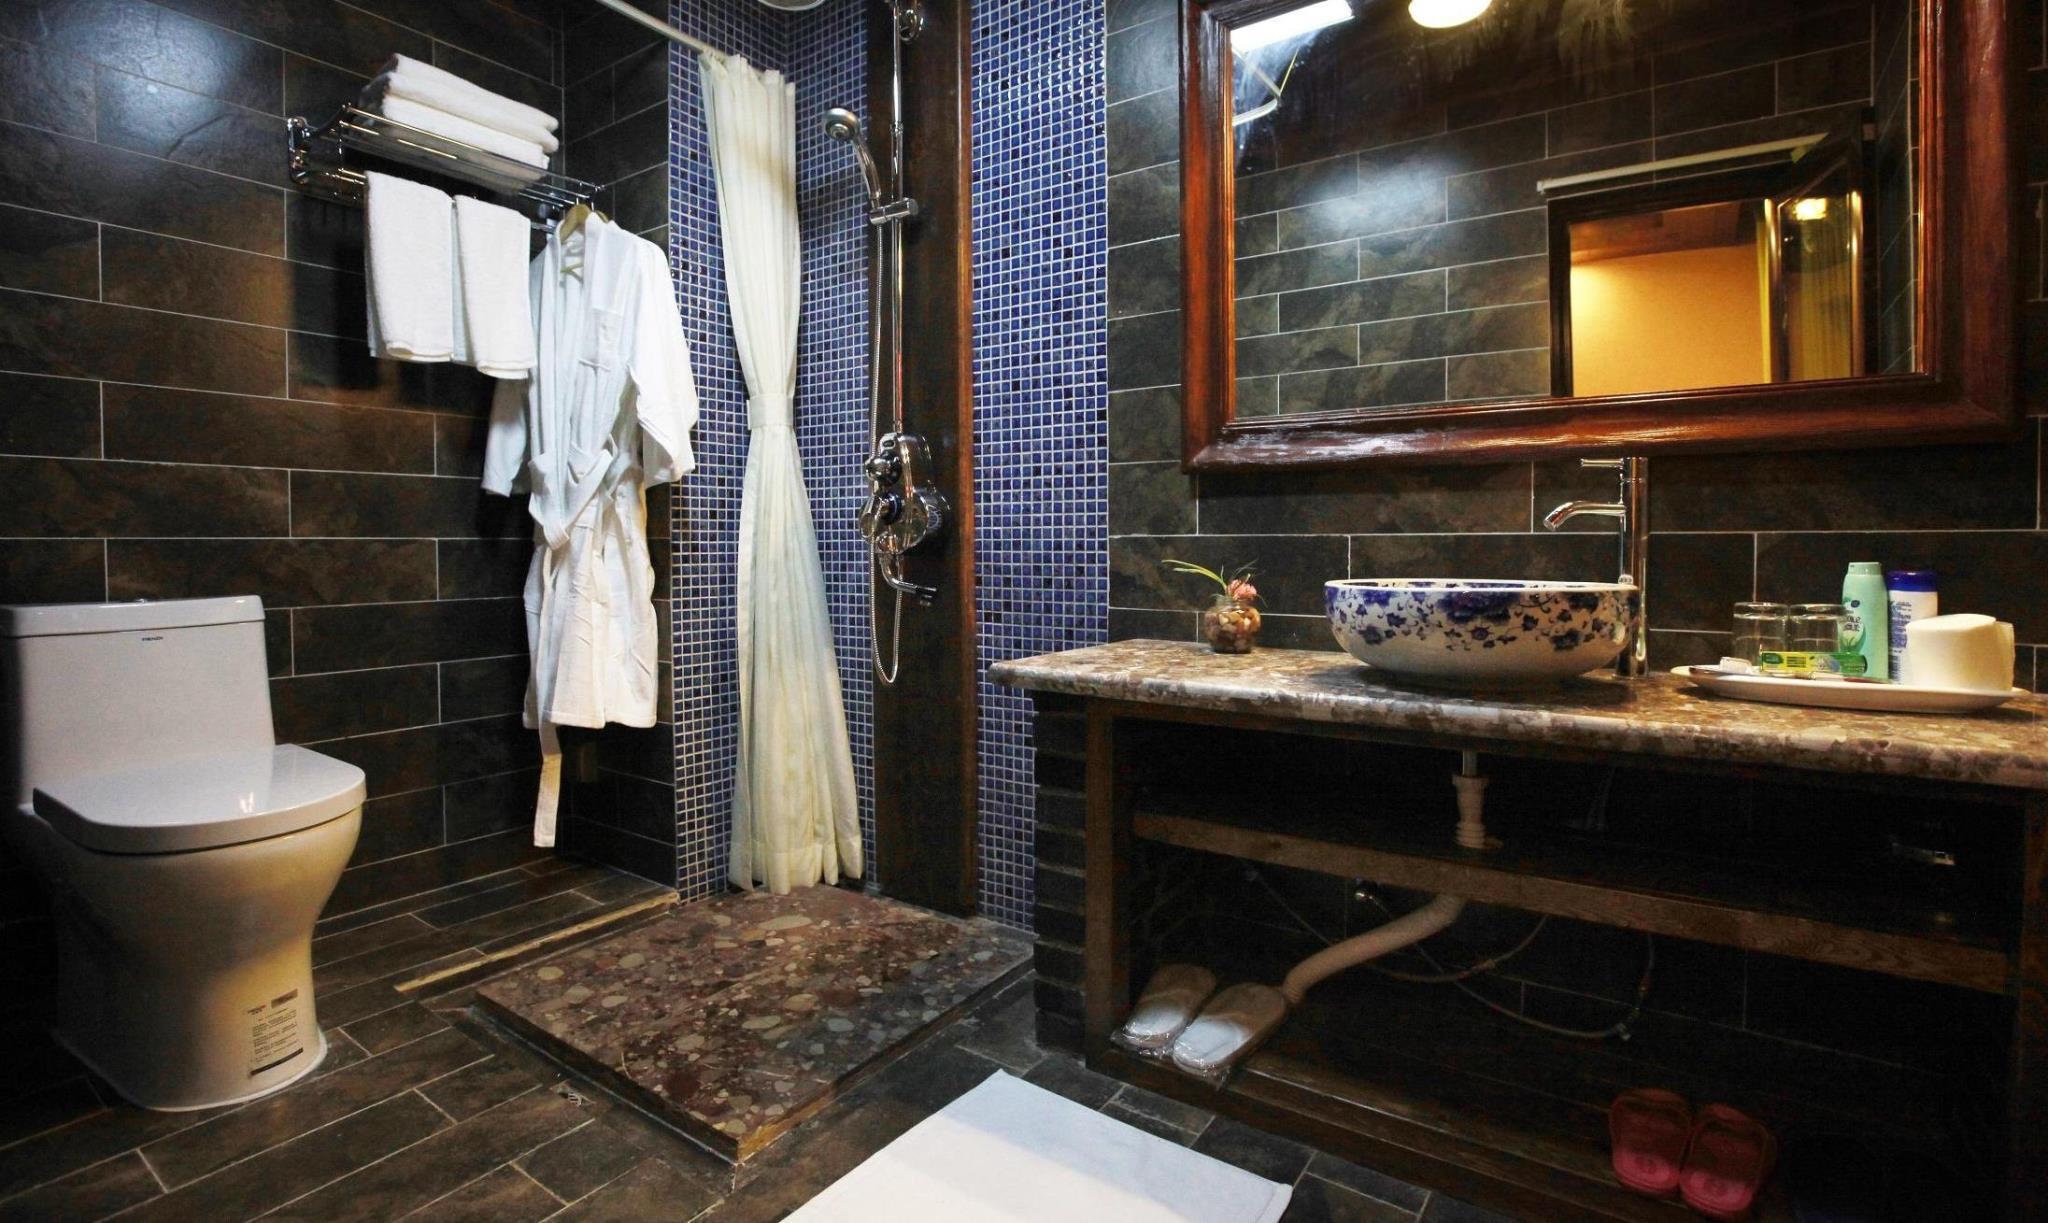 DIESHU 2 Bed Villa Studio With Courtyard View